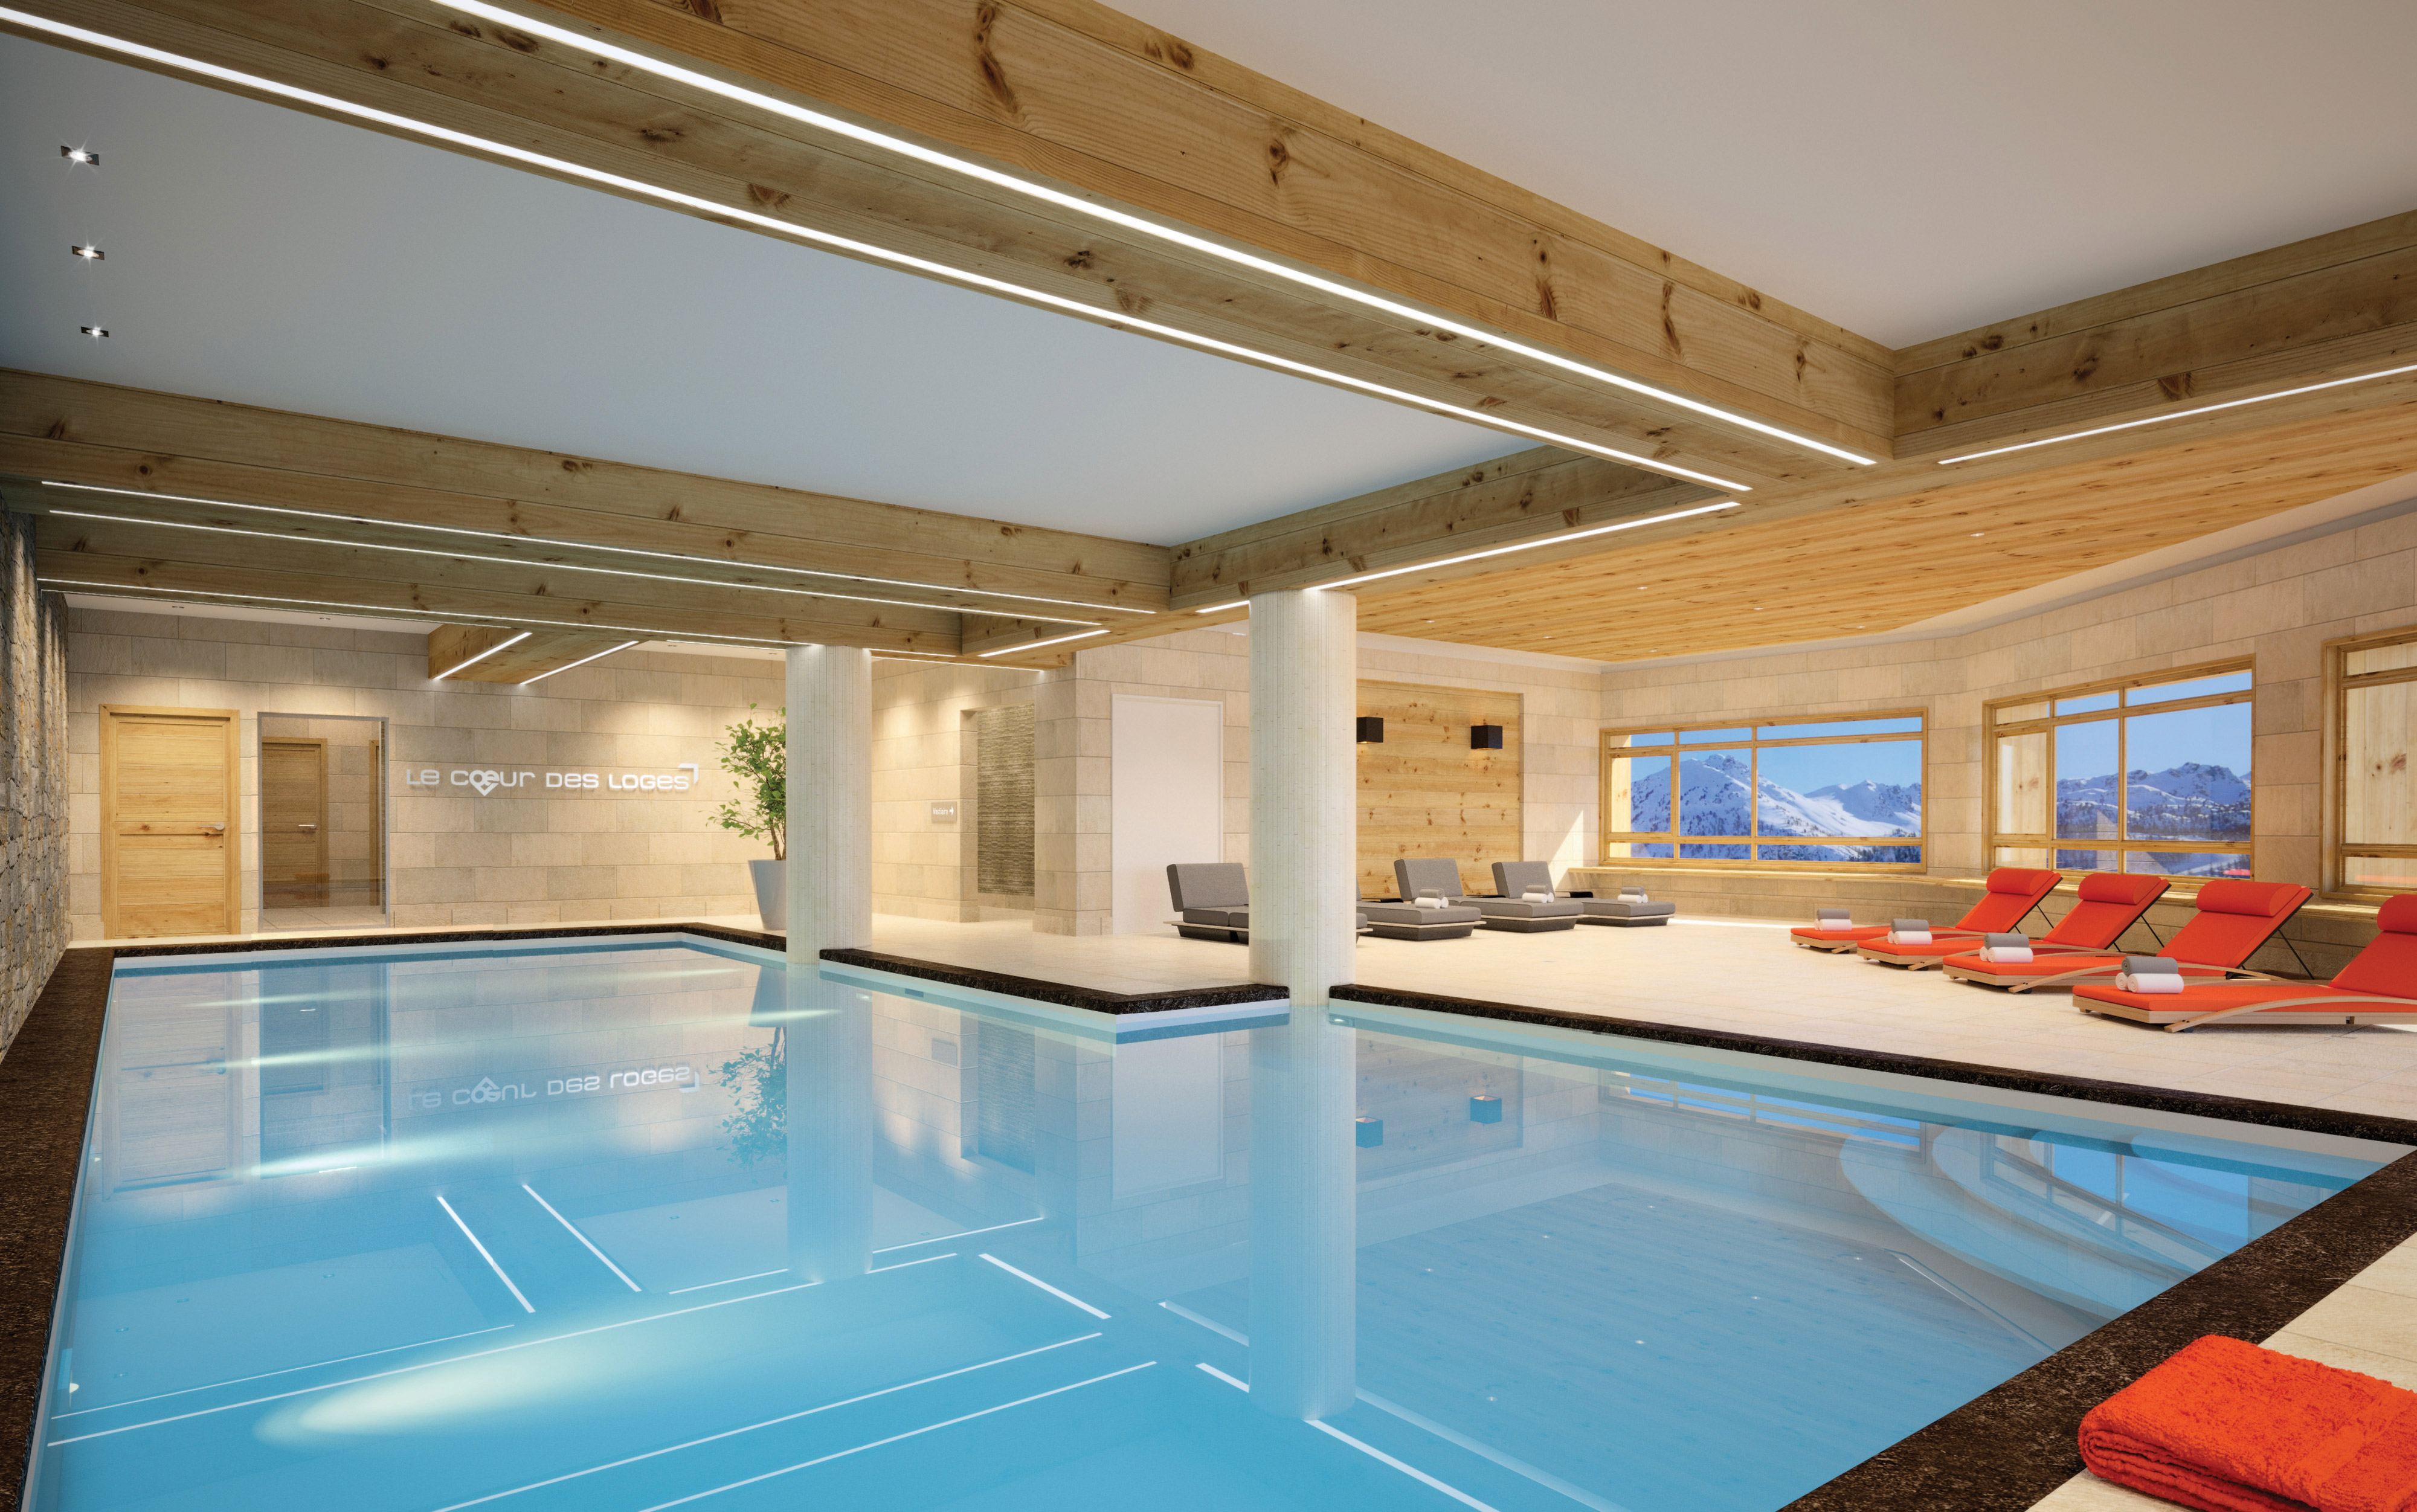 les ménuires piscine ski